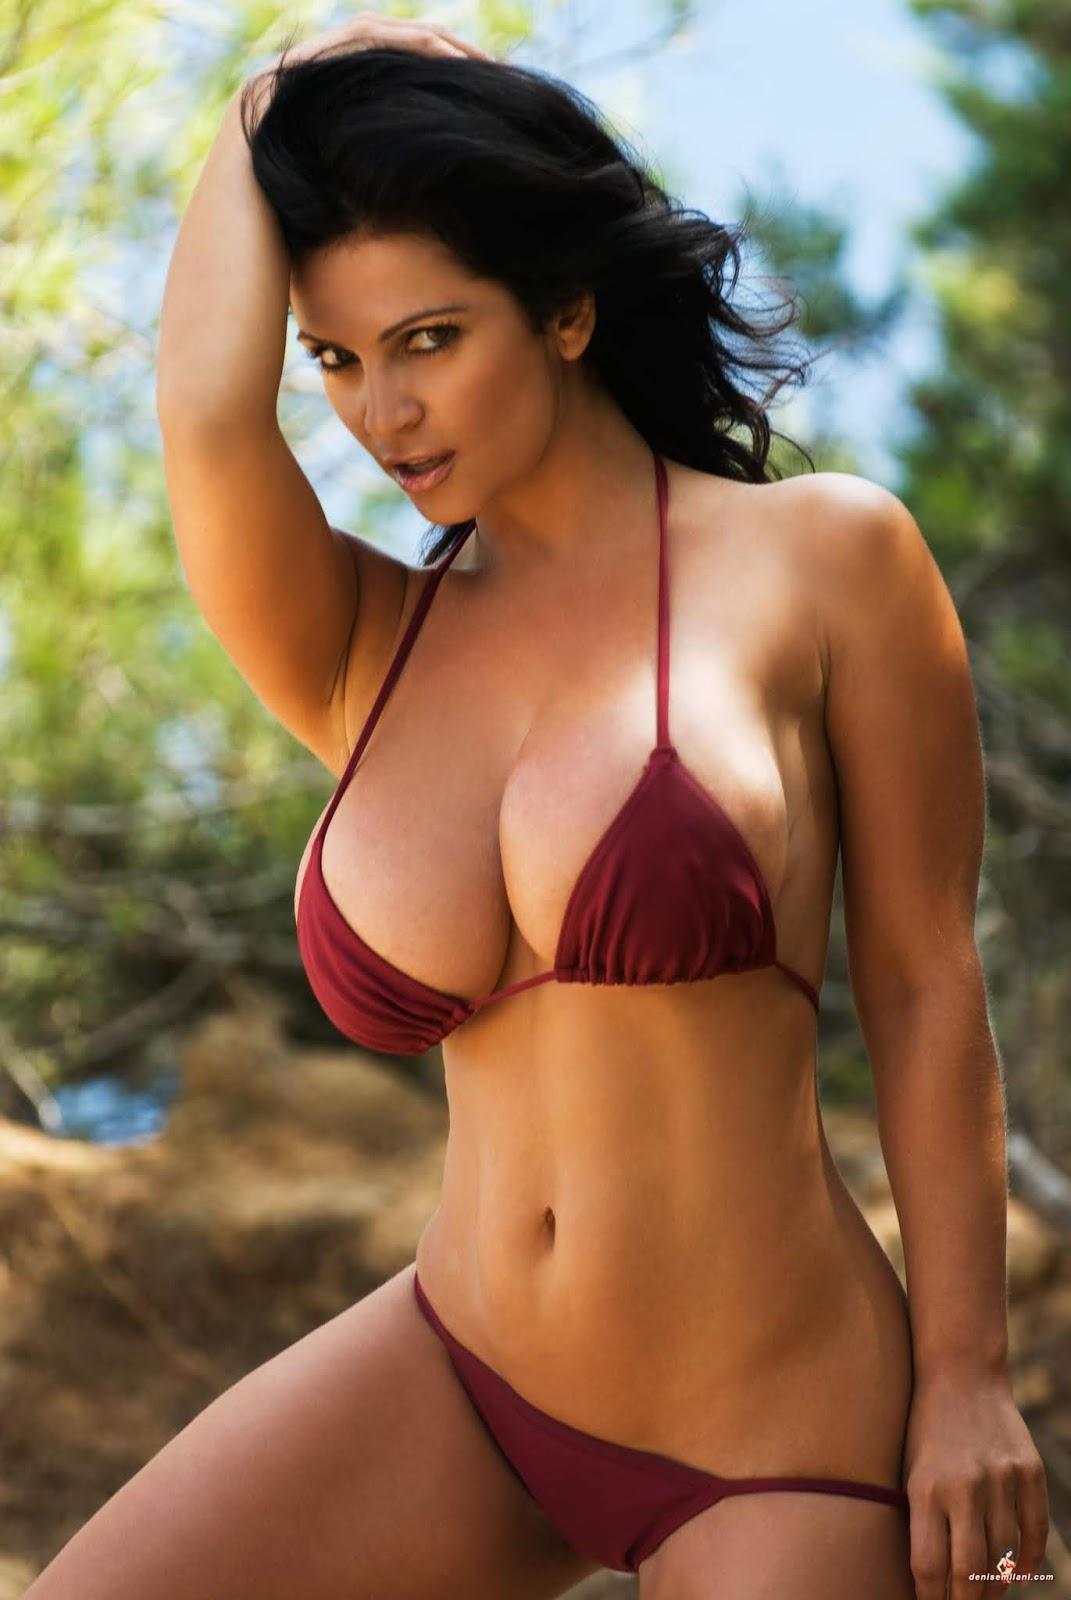 Woman Wearing Red Bikini Near Sea Photo Free Apparel Image On Unsplash